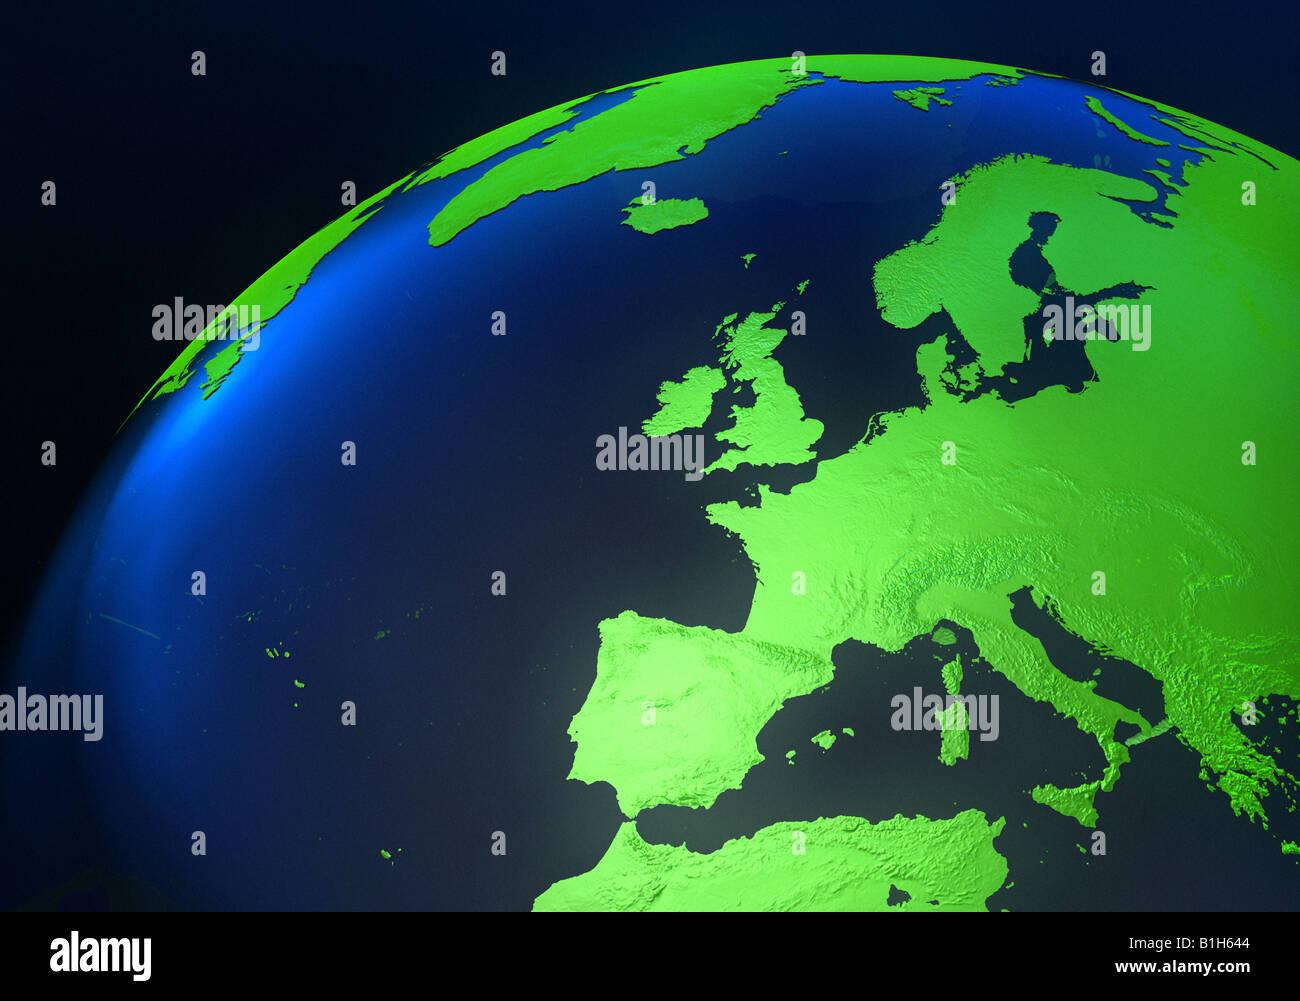 Europa auf einem Computer generiert Globus Stockbild